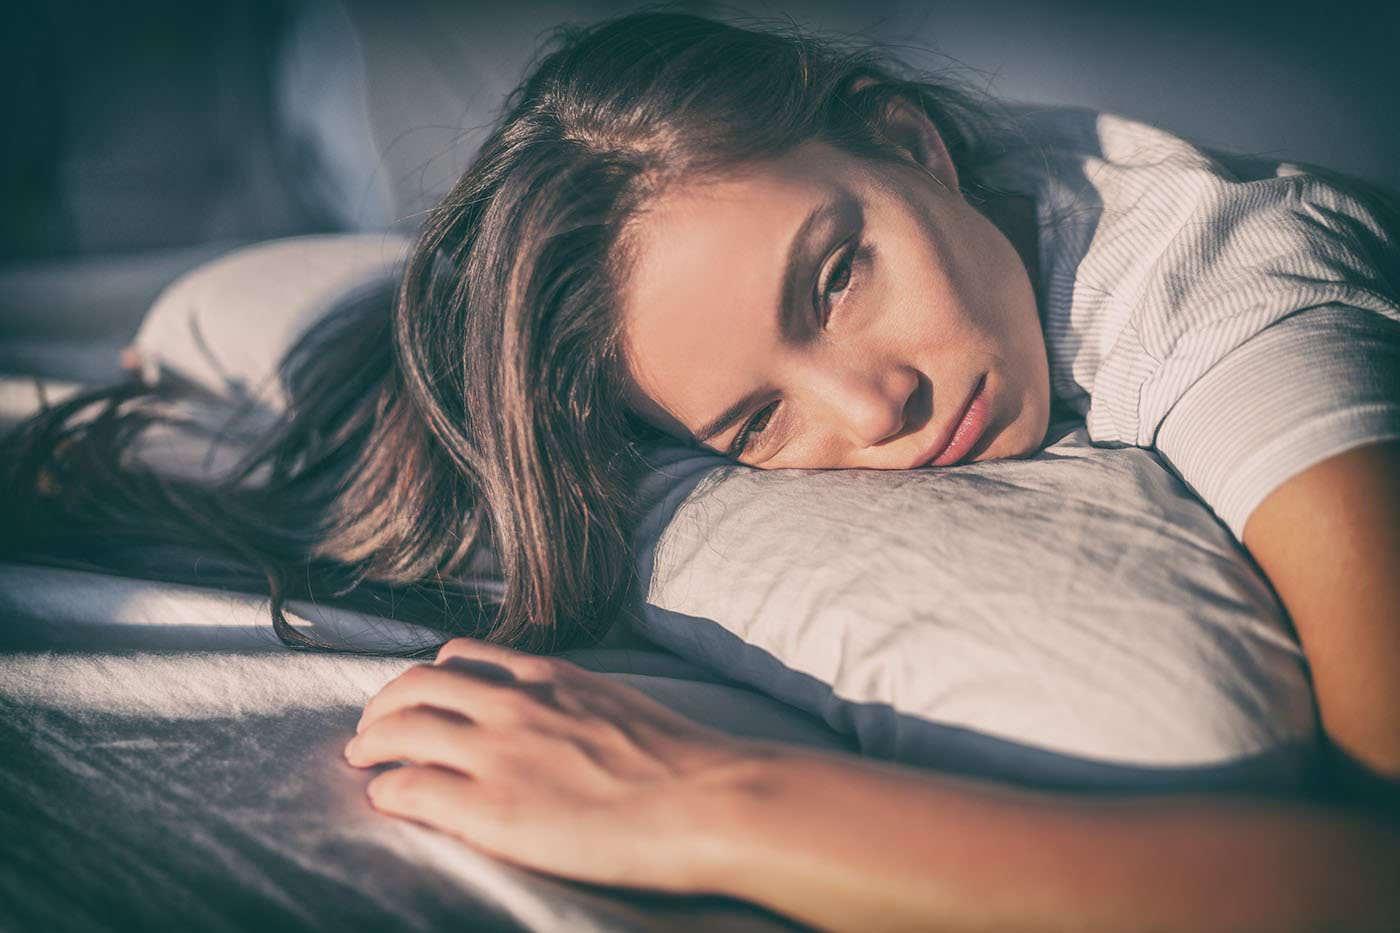 Tulburarea disforică premenstruală, speranțe noi de tratament [studiu]